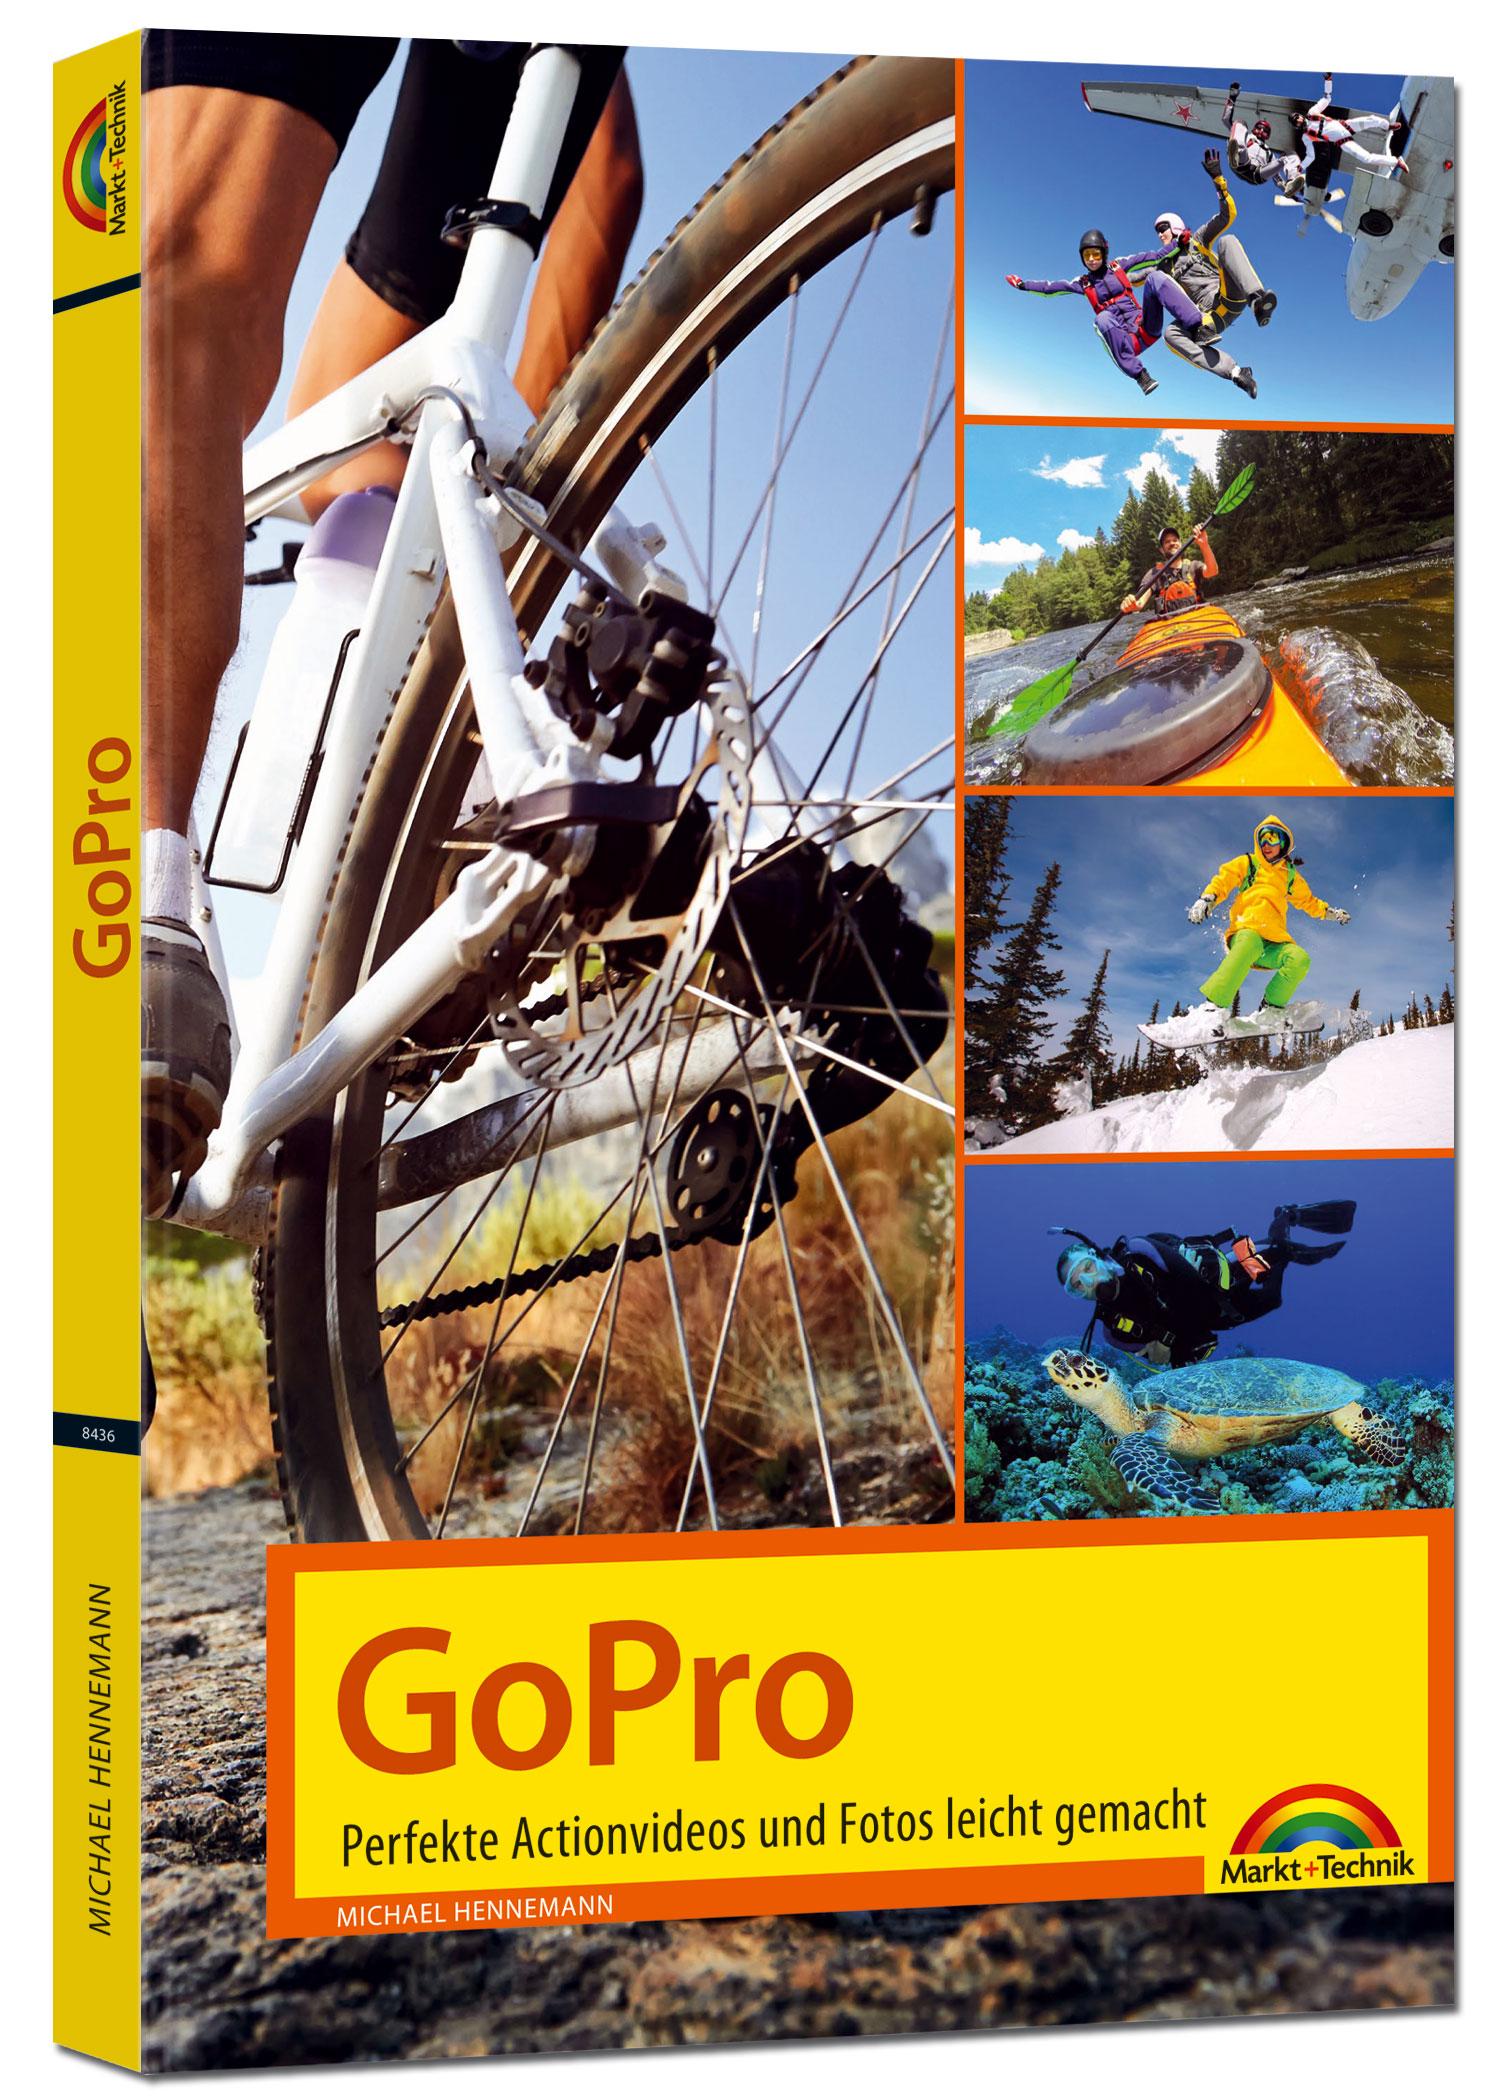 GoPro - perfekte Action Videos und Fotos leicht gemacht - Michael Hennemann